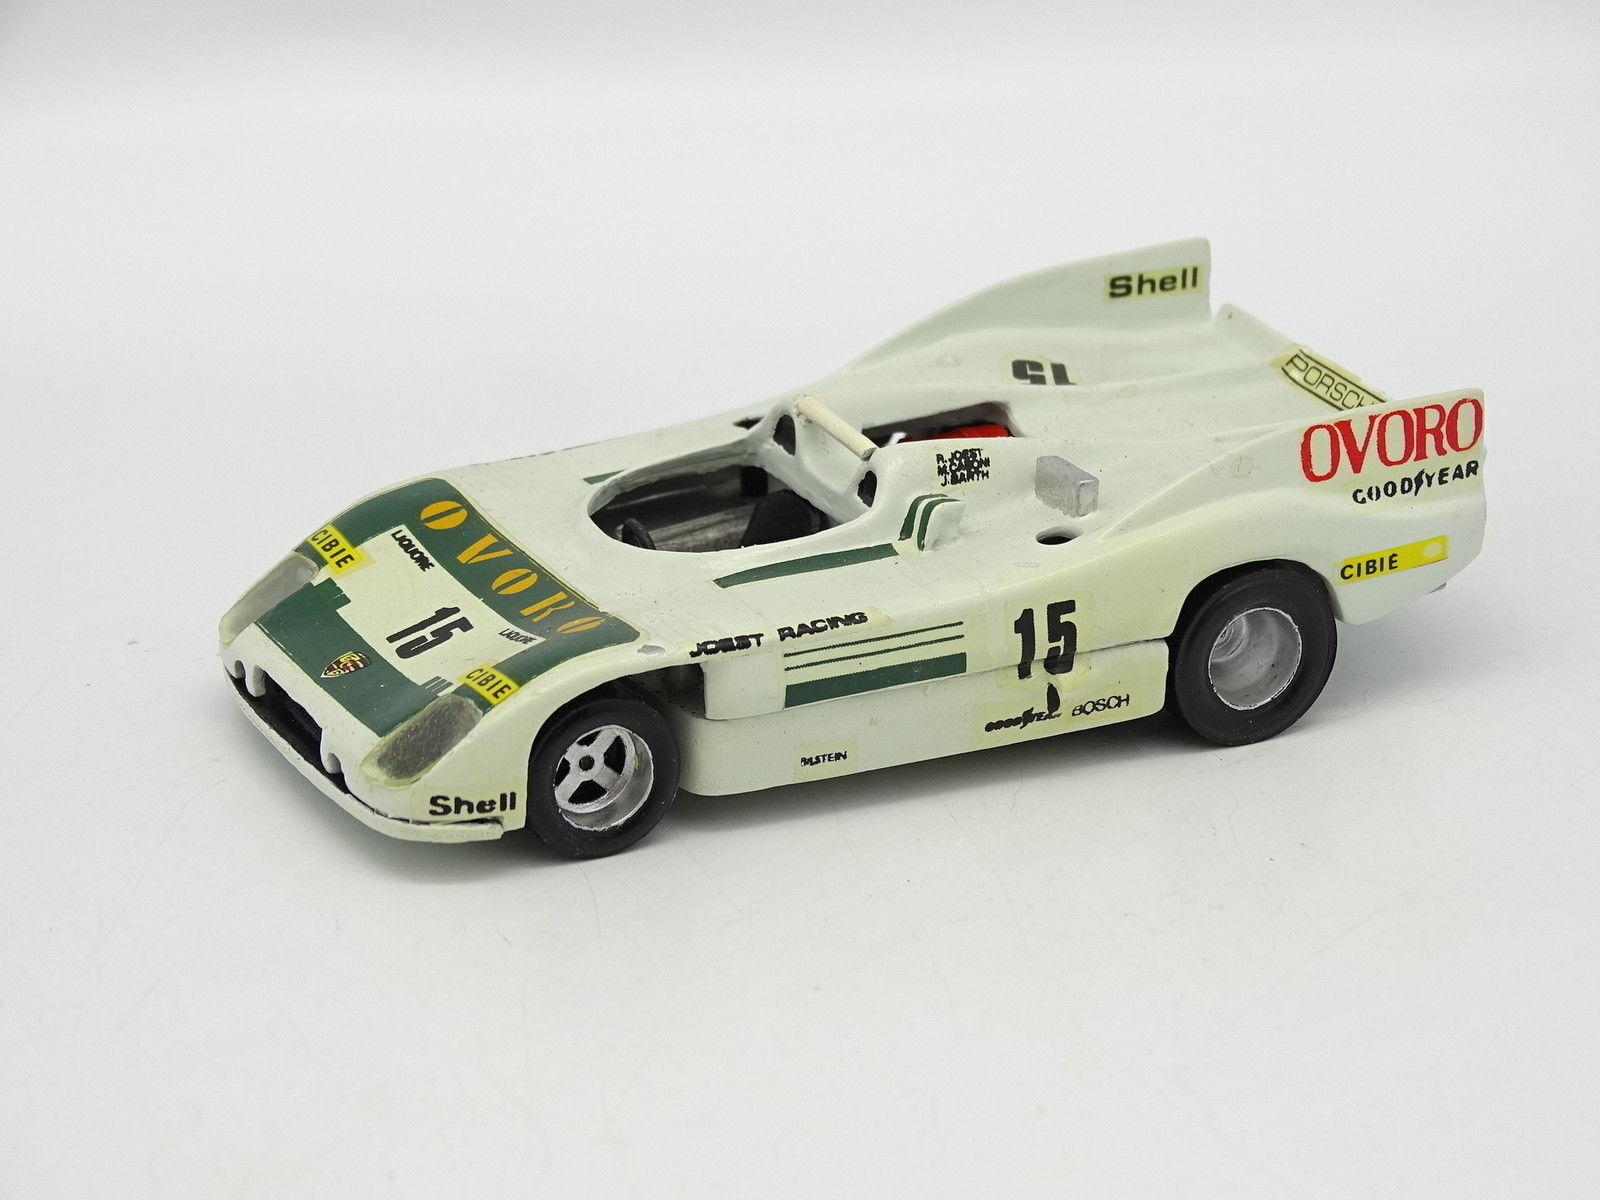 migliori prezzi e stili più freschi Kit Montato Mettuttio 1 43 - - - Porsche 908 LH N.15 le uomos 1973  tutti i prodotti ottengono fino al 34% di sconto